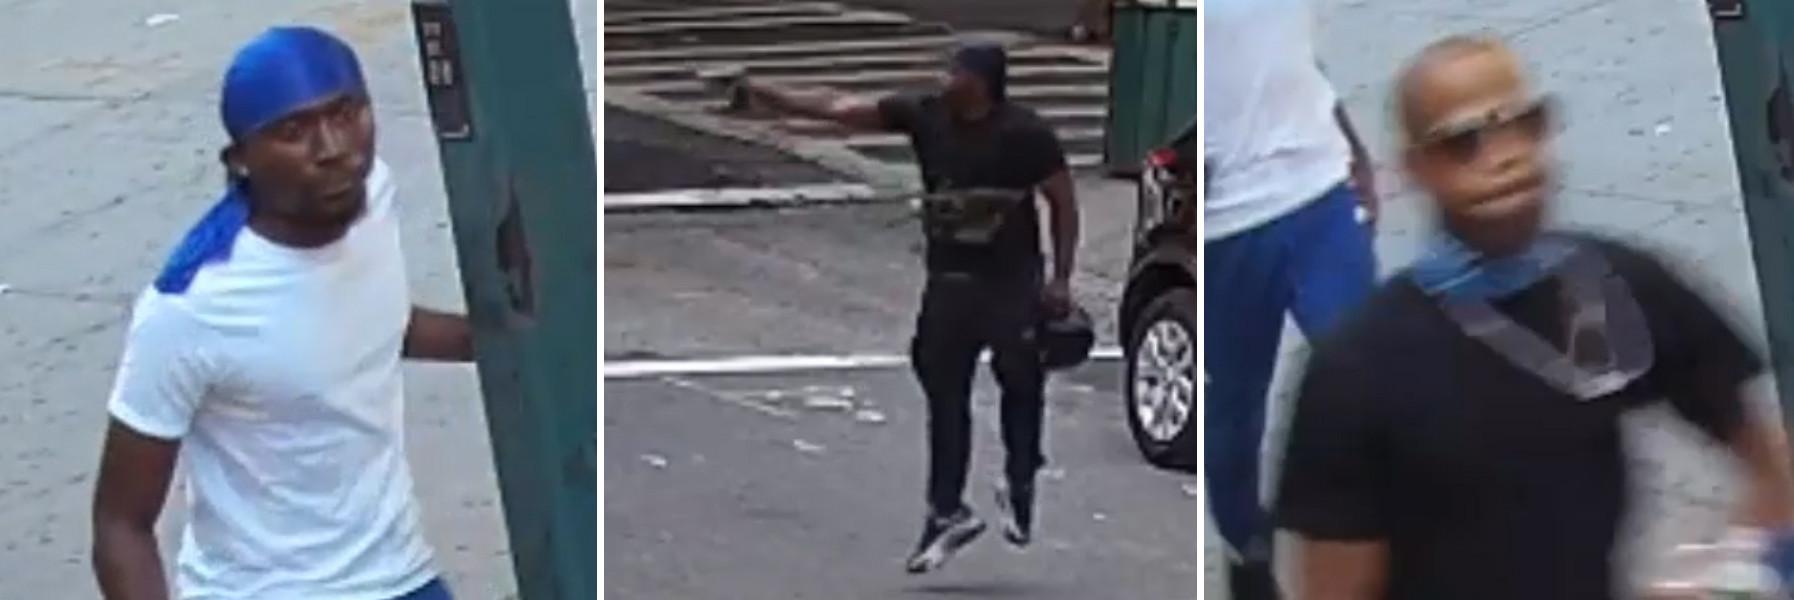 Cops seek three men in wild Bronx shooting